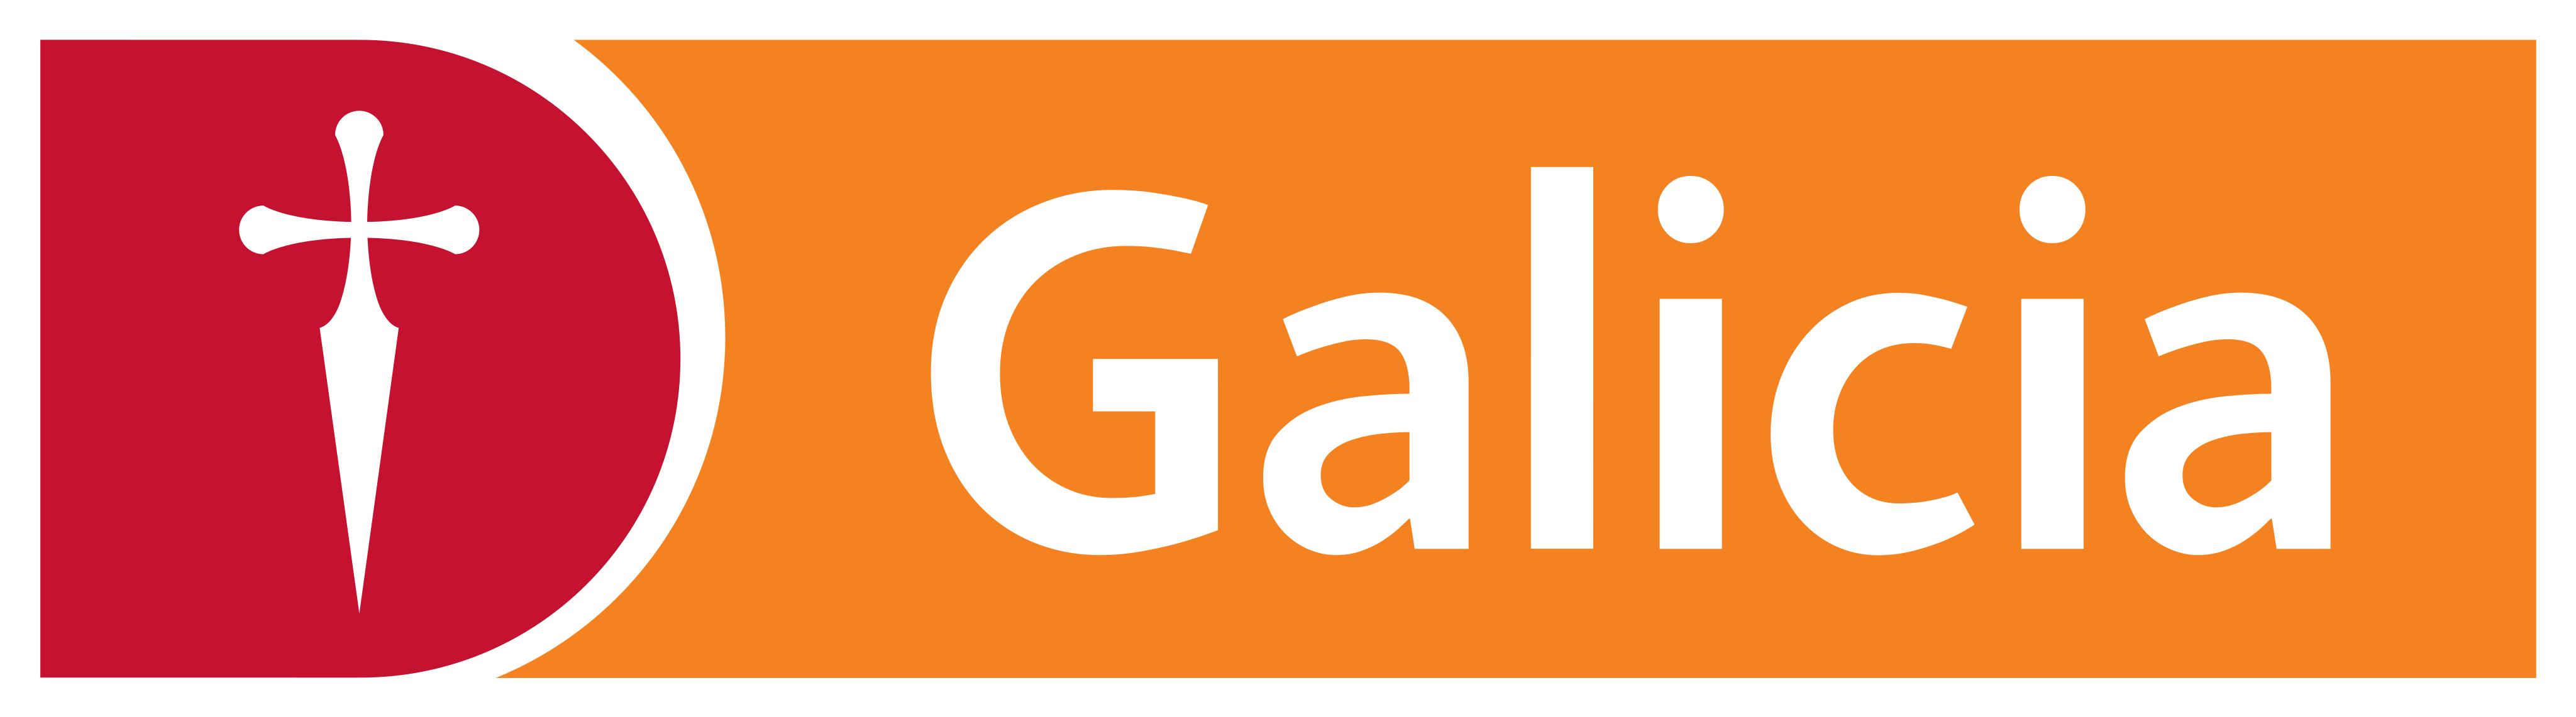 Banco Galicia Logo.